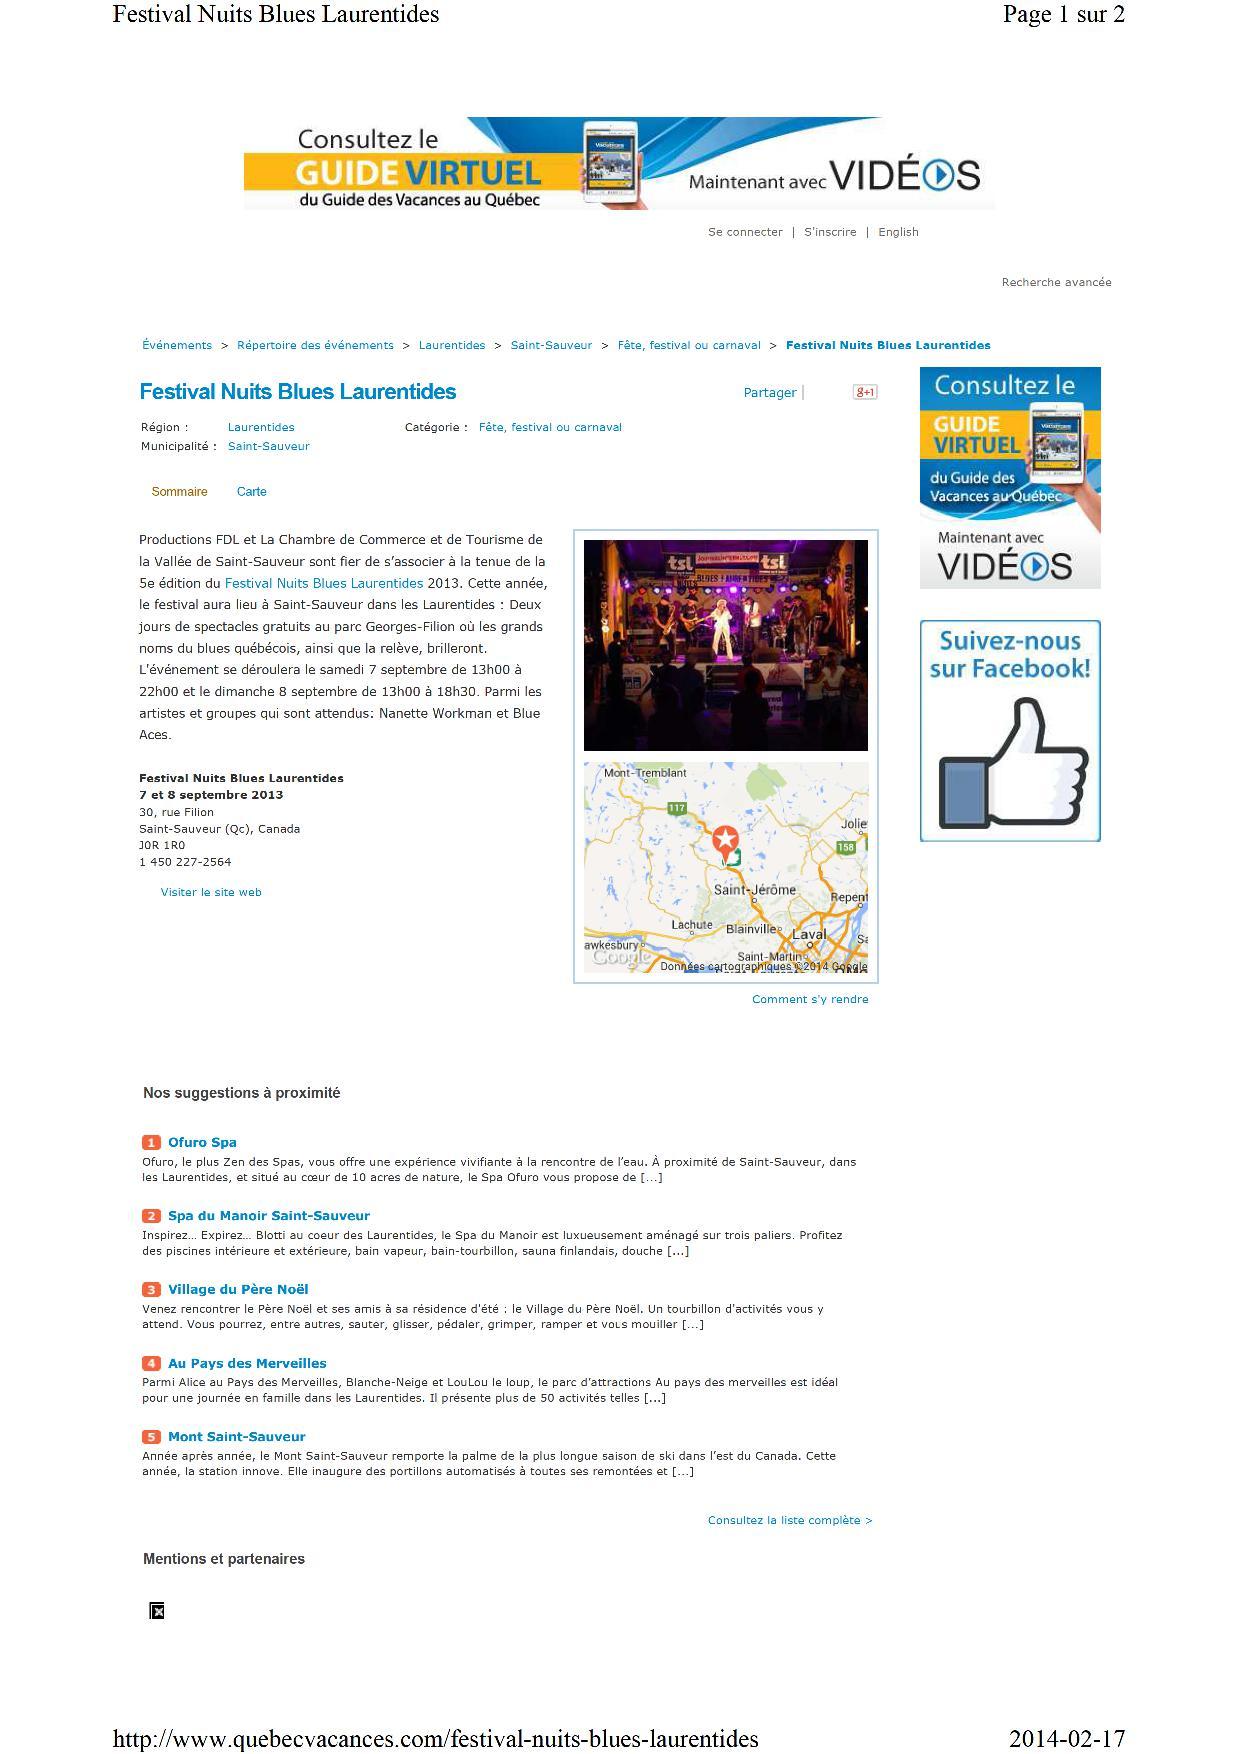 __www.quebecvacances.com_festival-nuits-blues-laurentides